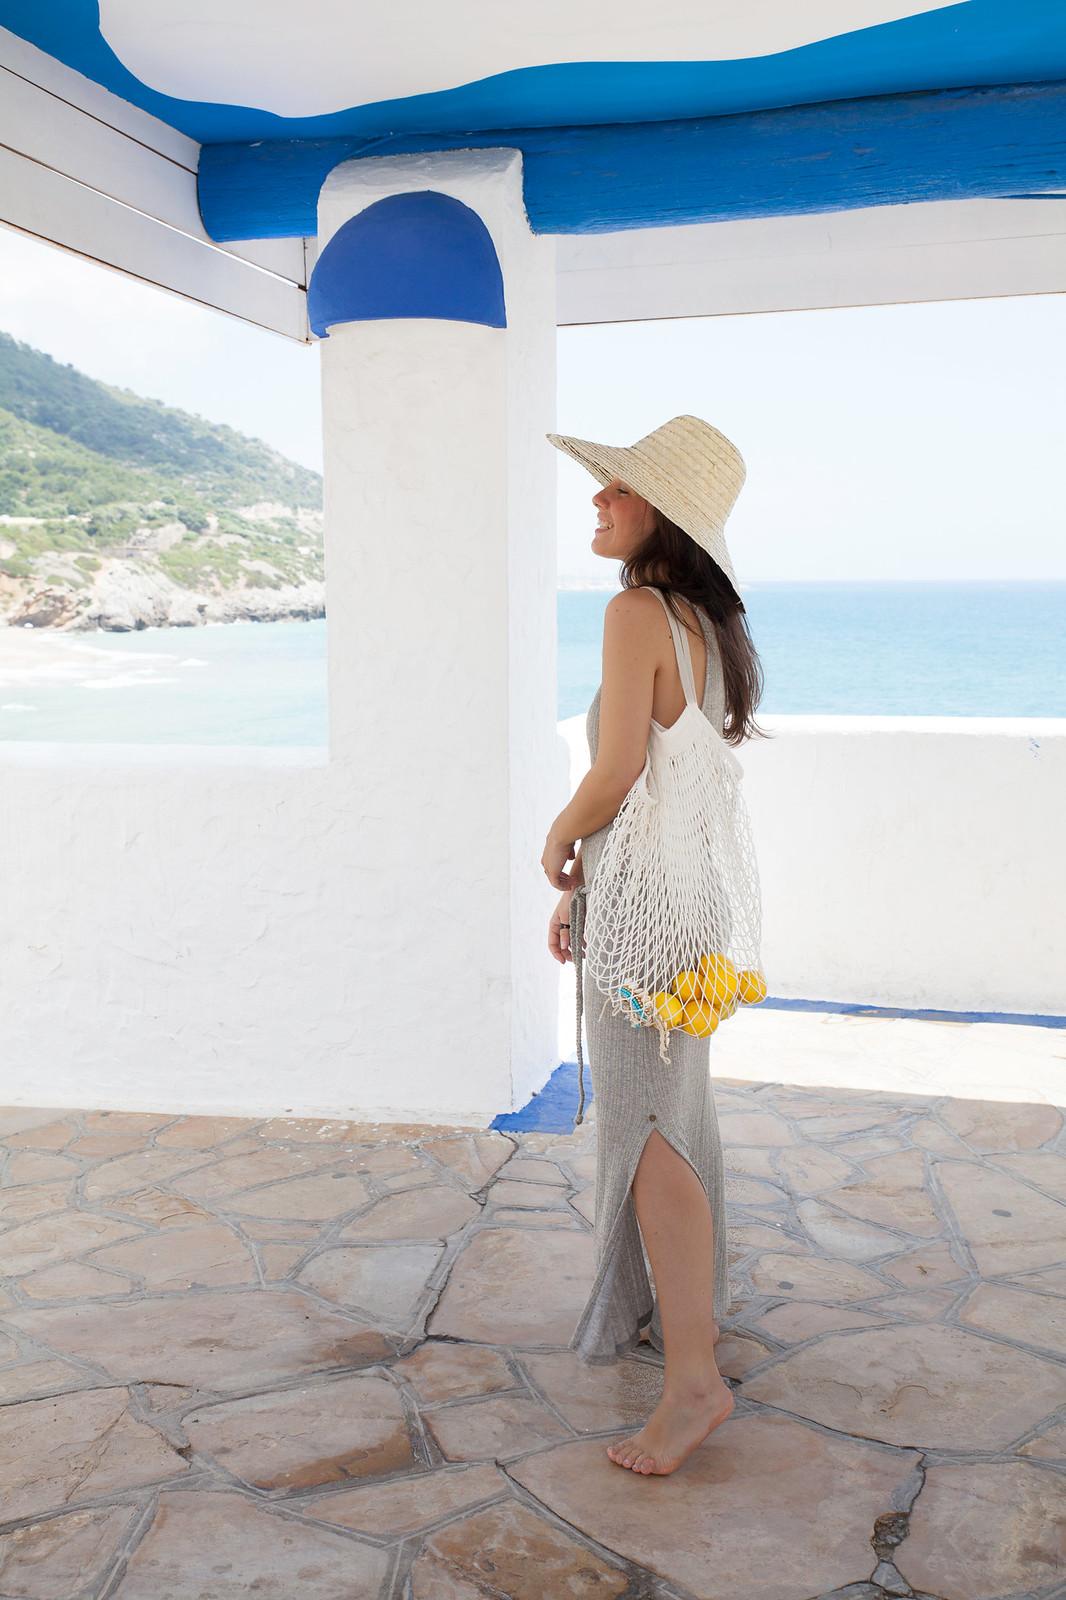 06_vestido_ideal_verano_hilos_dorados_mi_and_co_theguestgirl